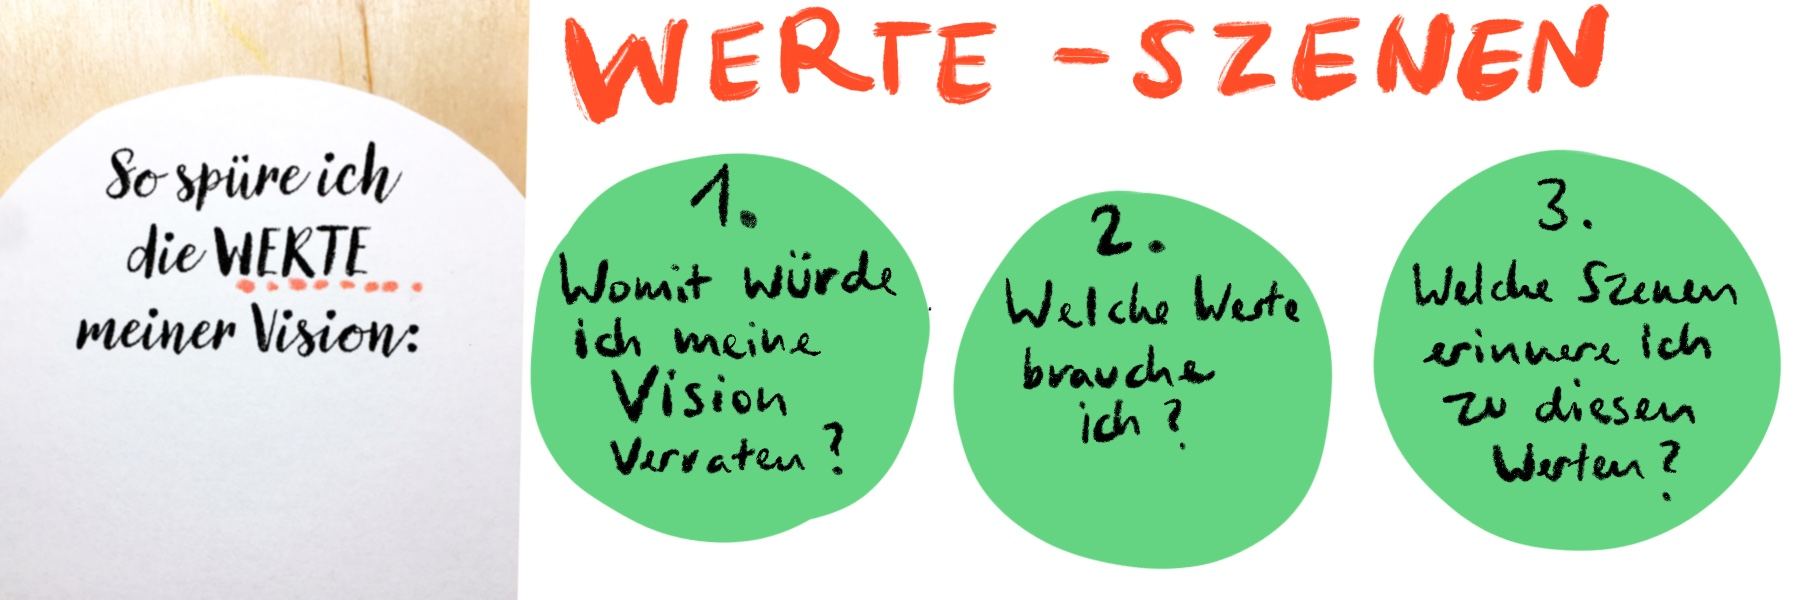 Der dritte Teil des Vision Statements für kreative Projekte handelt von den Werten